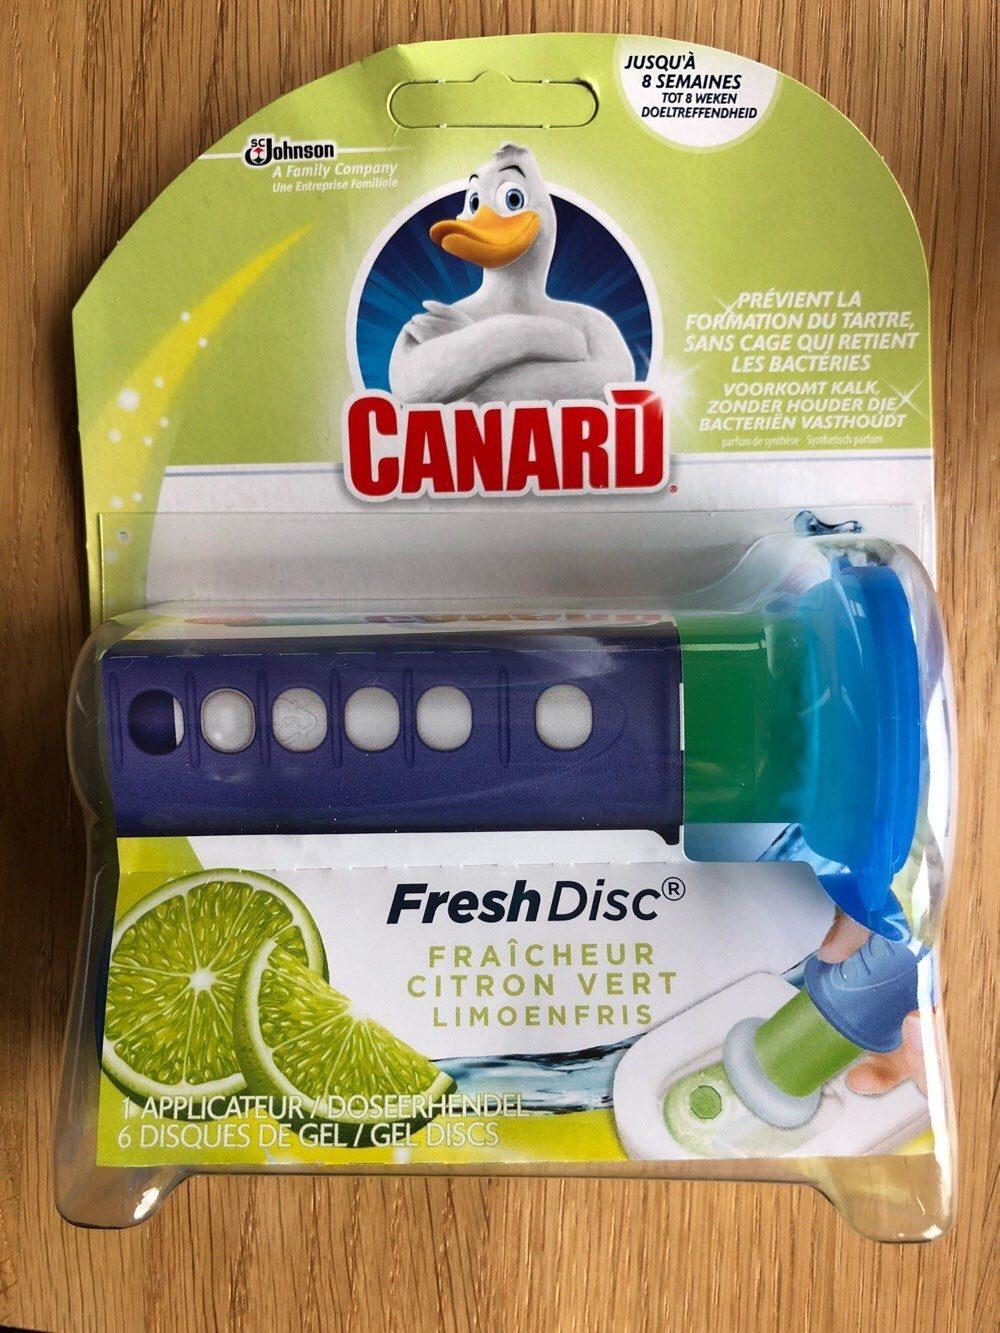 Fredh Disc Canard - Produit - ch